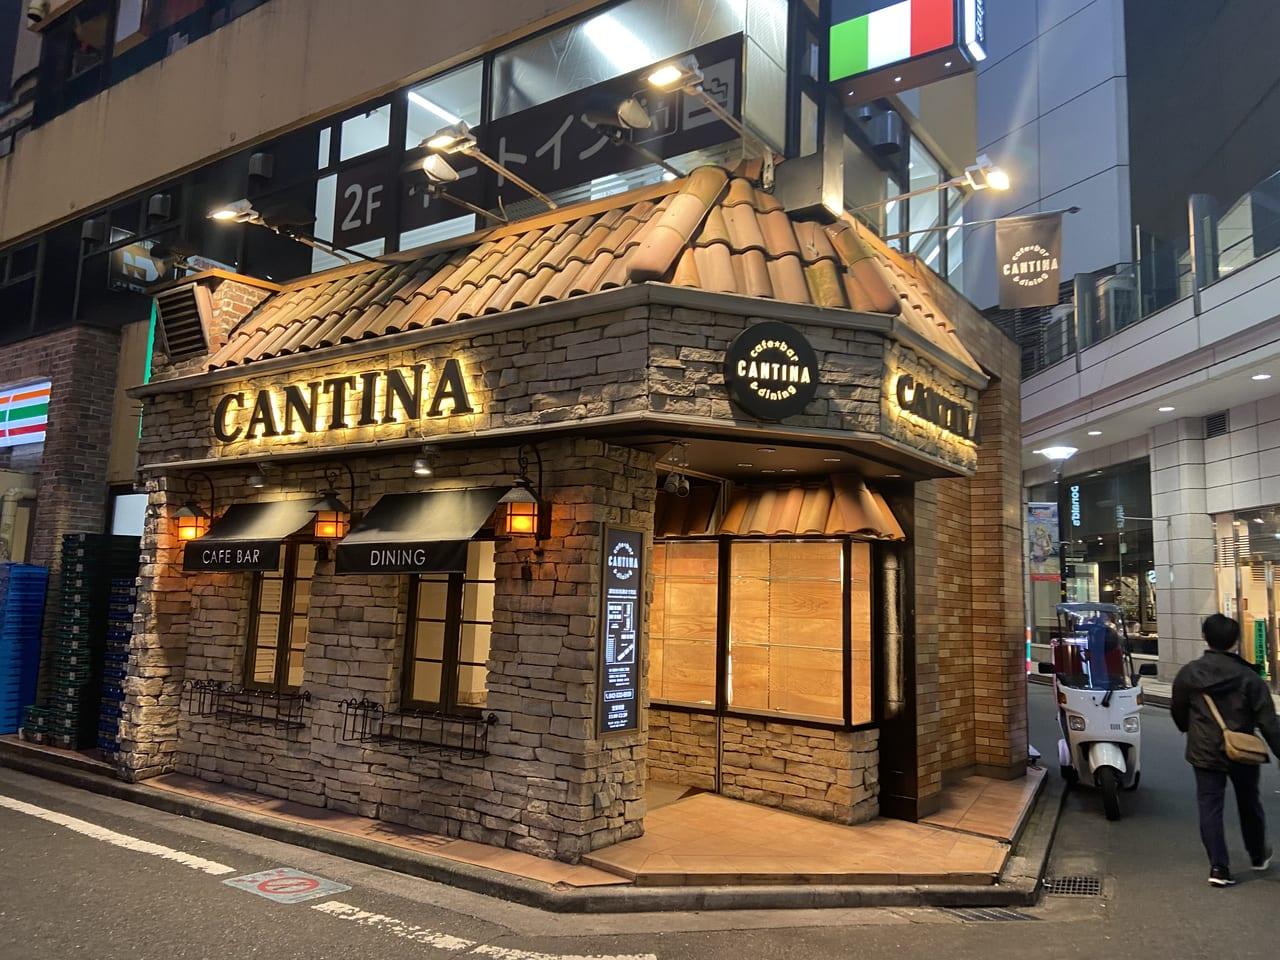 Cantina カフェ&バー ダイニング